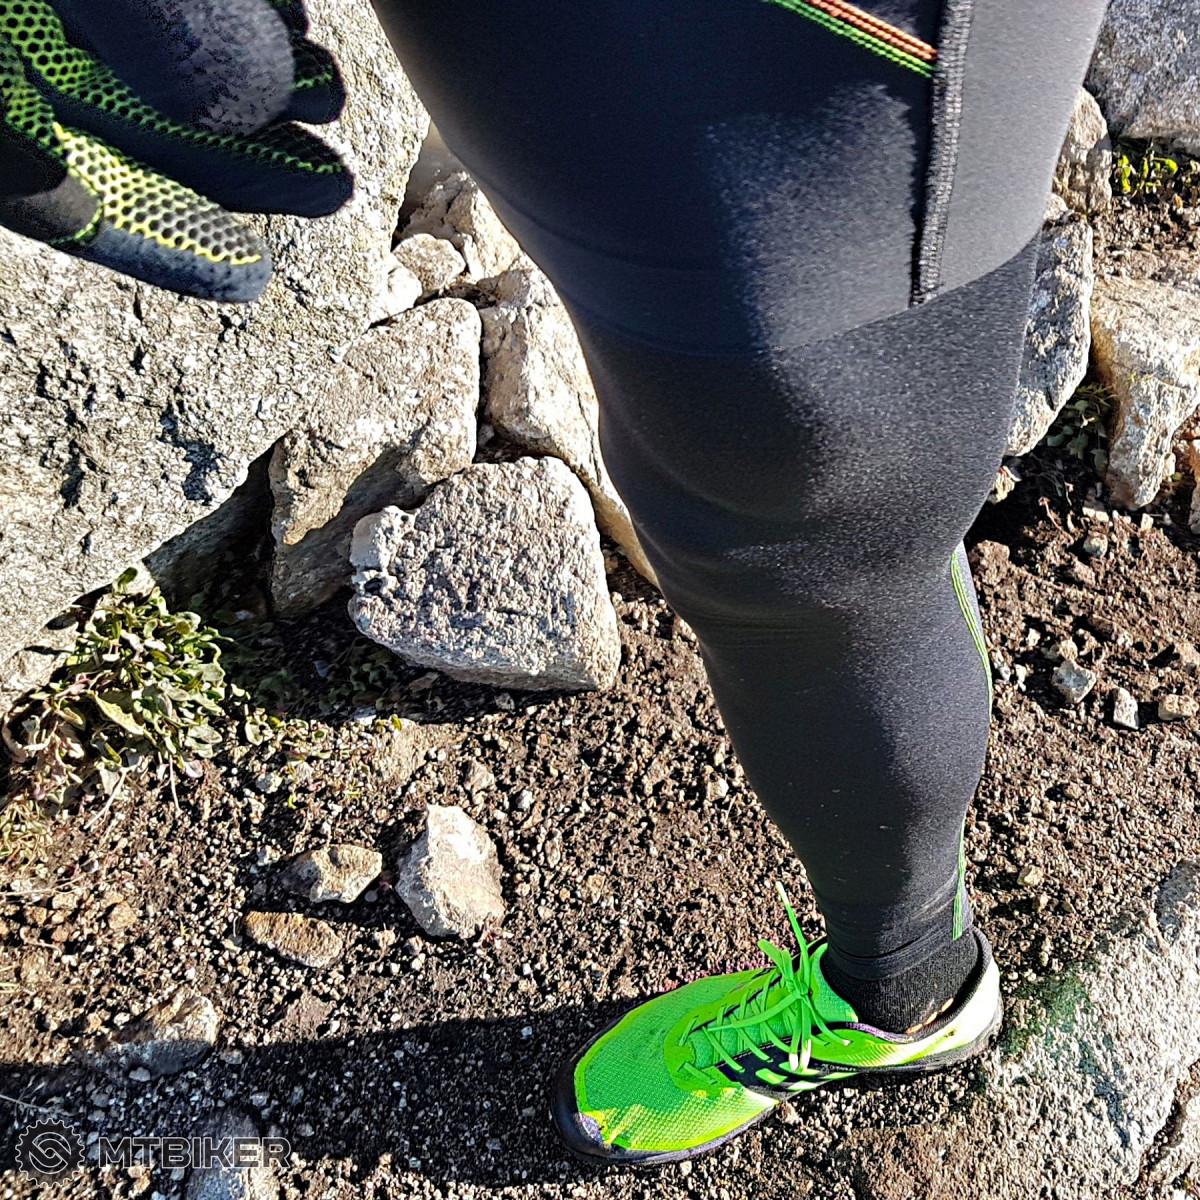 451824dd3 ... stačí na to obliecť krátke cyklistické voľné nohavice (aspoň budete mať  aj extra vrecká na drobnosti). Väčšinou sú dnešné strihy robené tak, ...